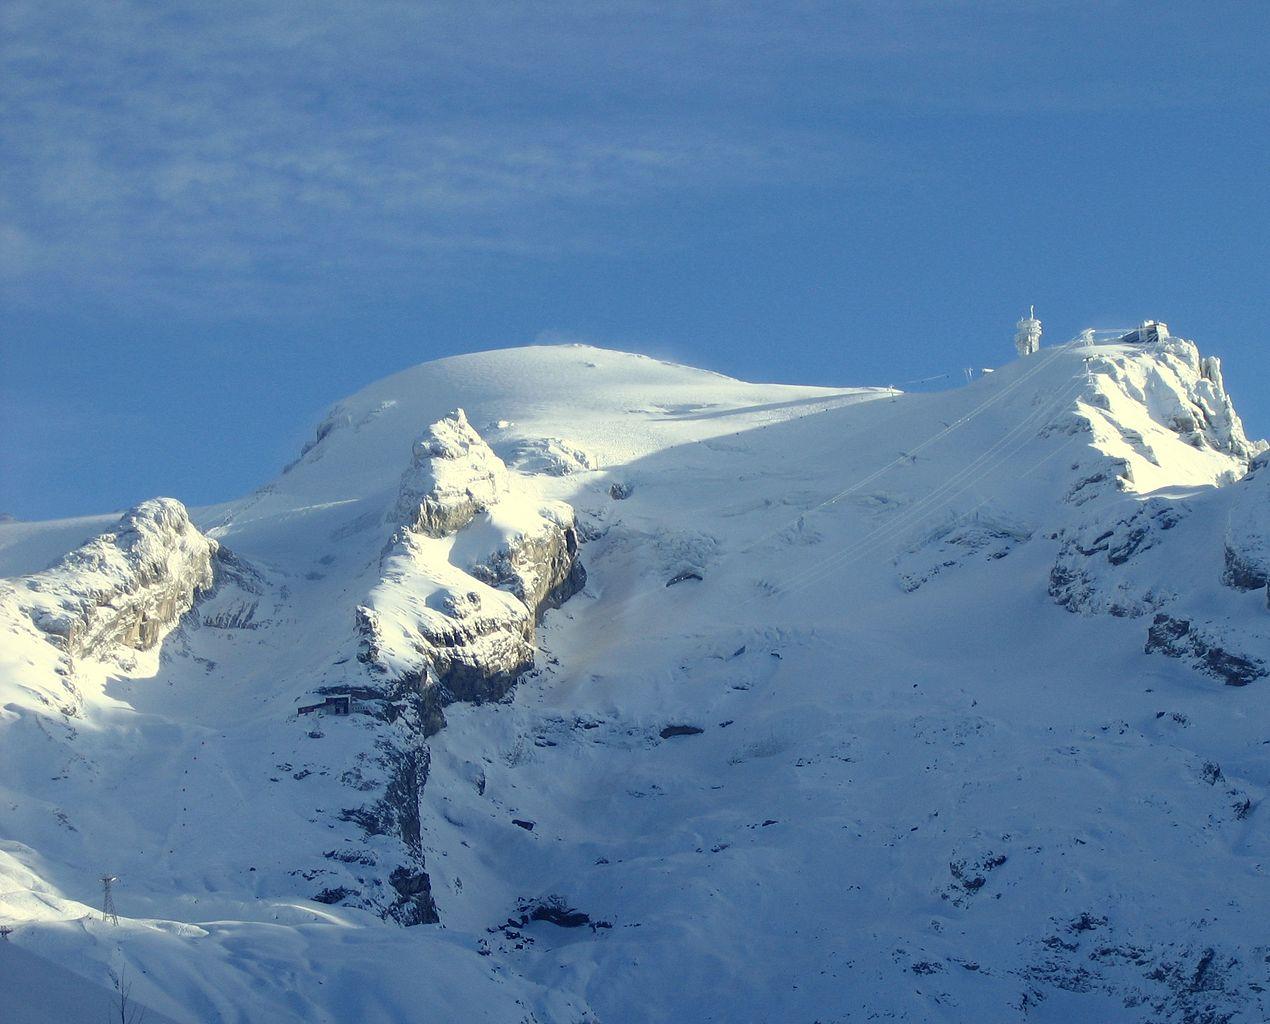 NW - Rotstöckli (2901m)